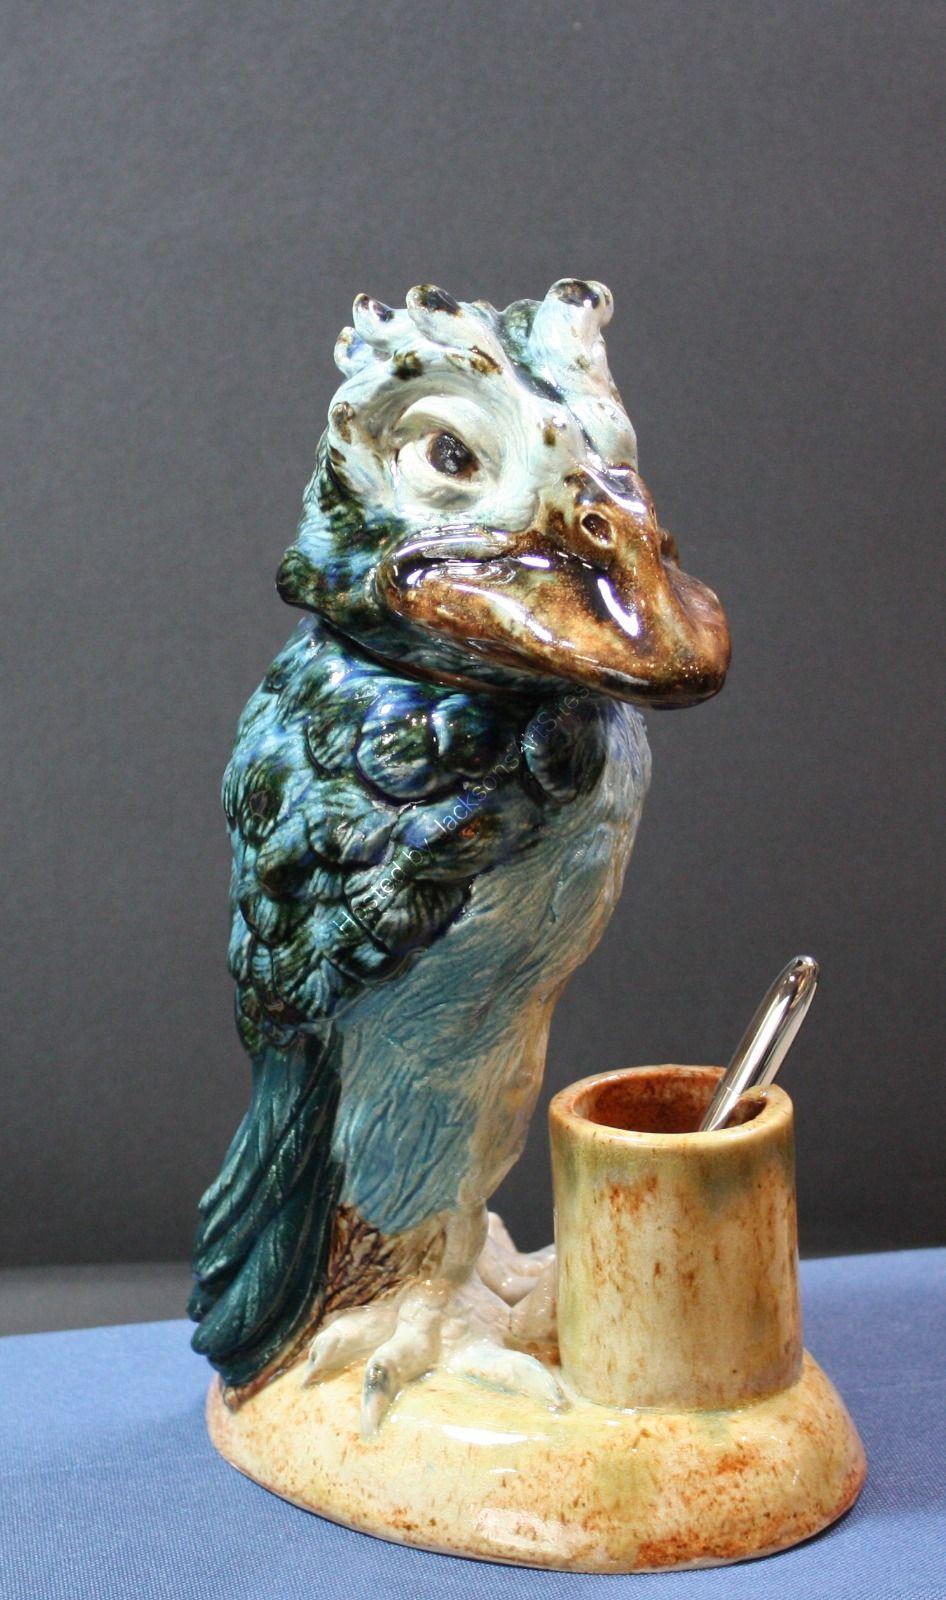 Wims bird pen holder